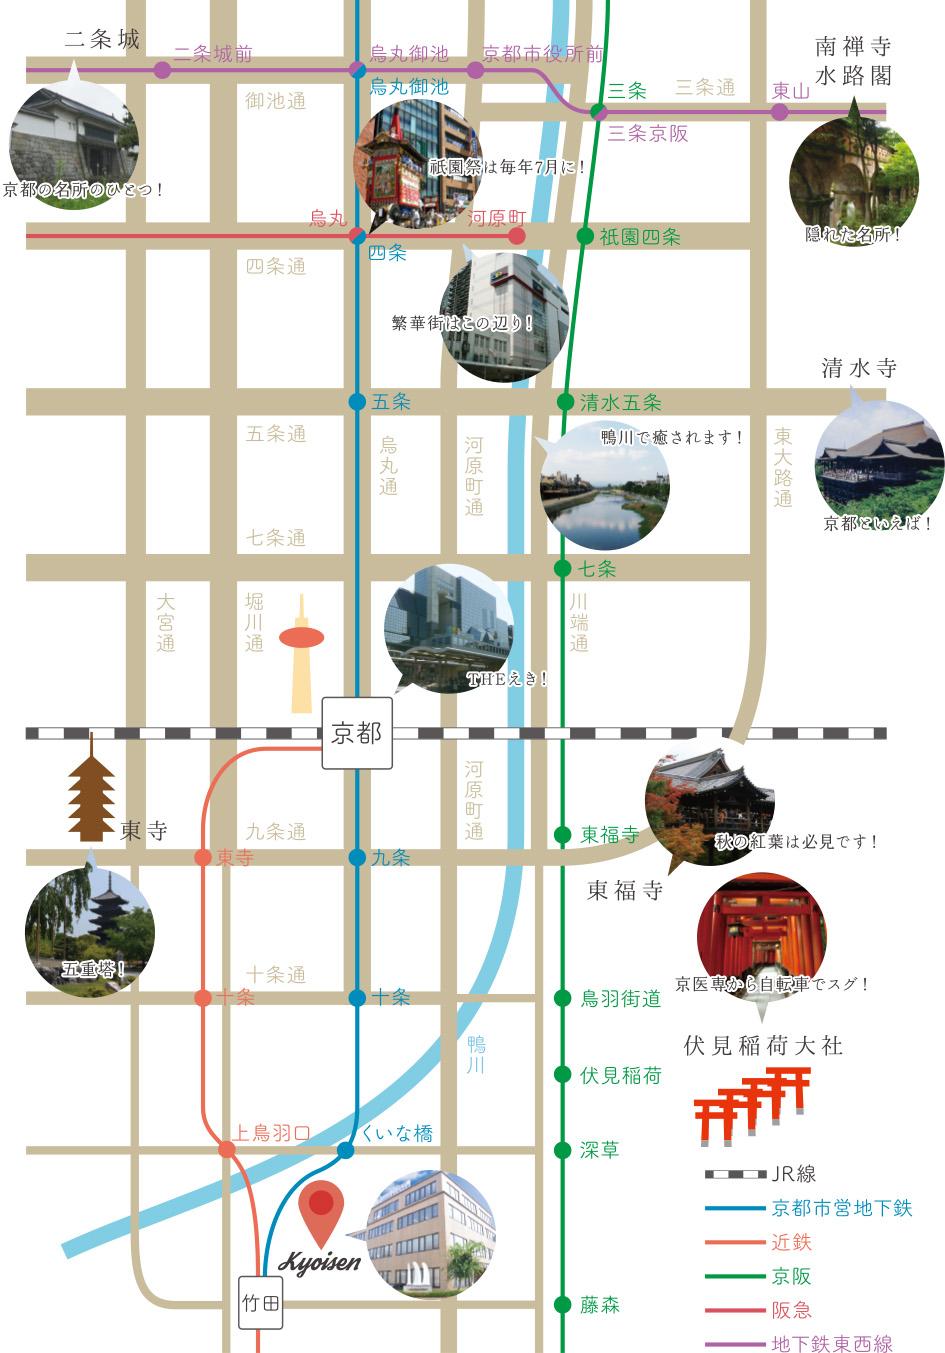 京都駅周辺、四条などの繁華街や有名観光地へのアクセスマップ